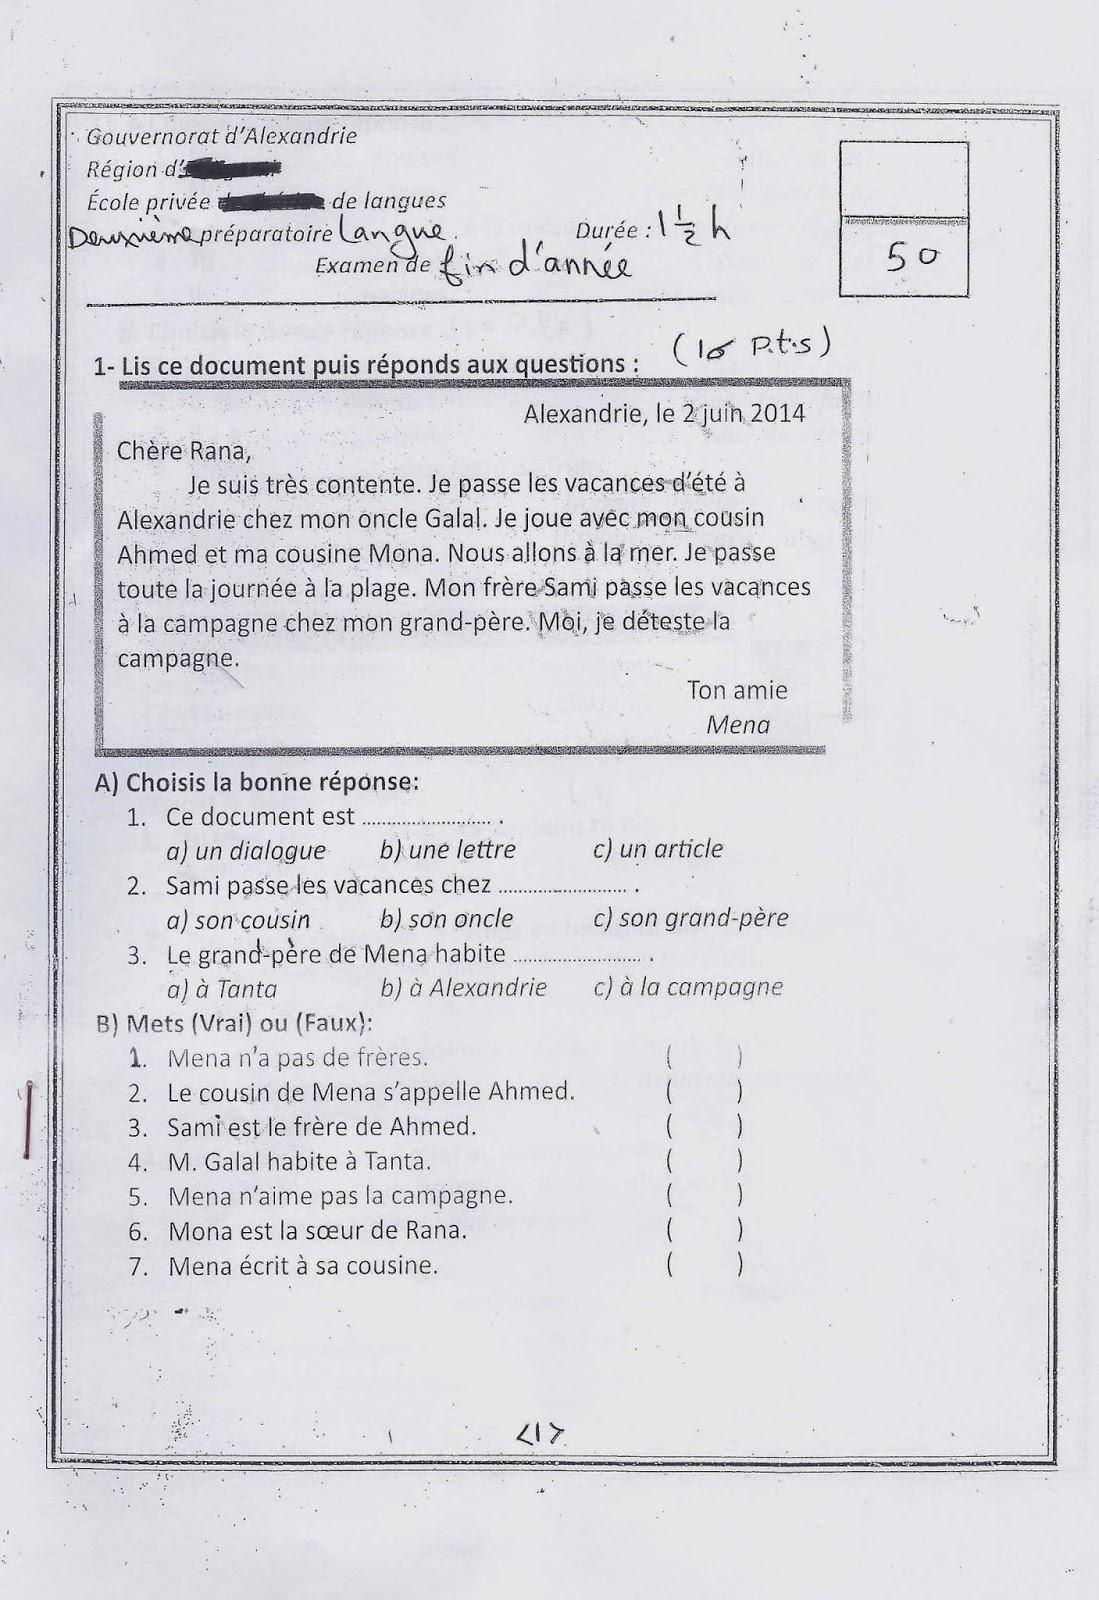 تجميع كل امتحانات اللغة الفرنسية للصفوف الابتدائية والاعدادية (مدارس اللغات والتجريبية) الترم الثانى 2015 - صفحة 2 Scan0051